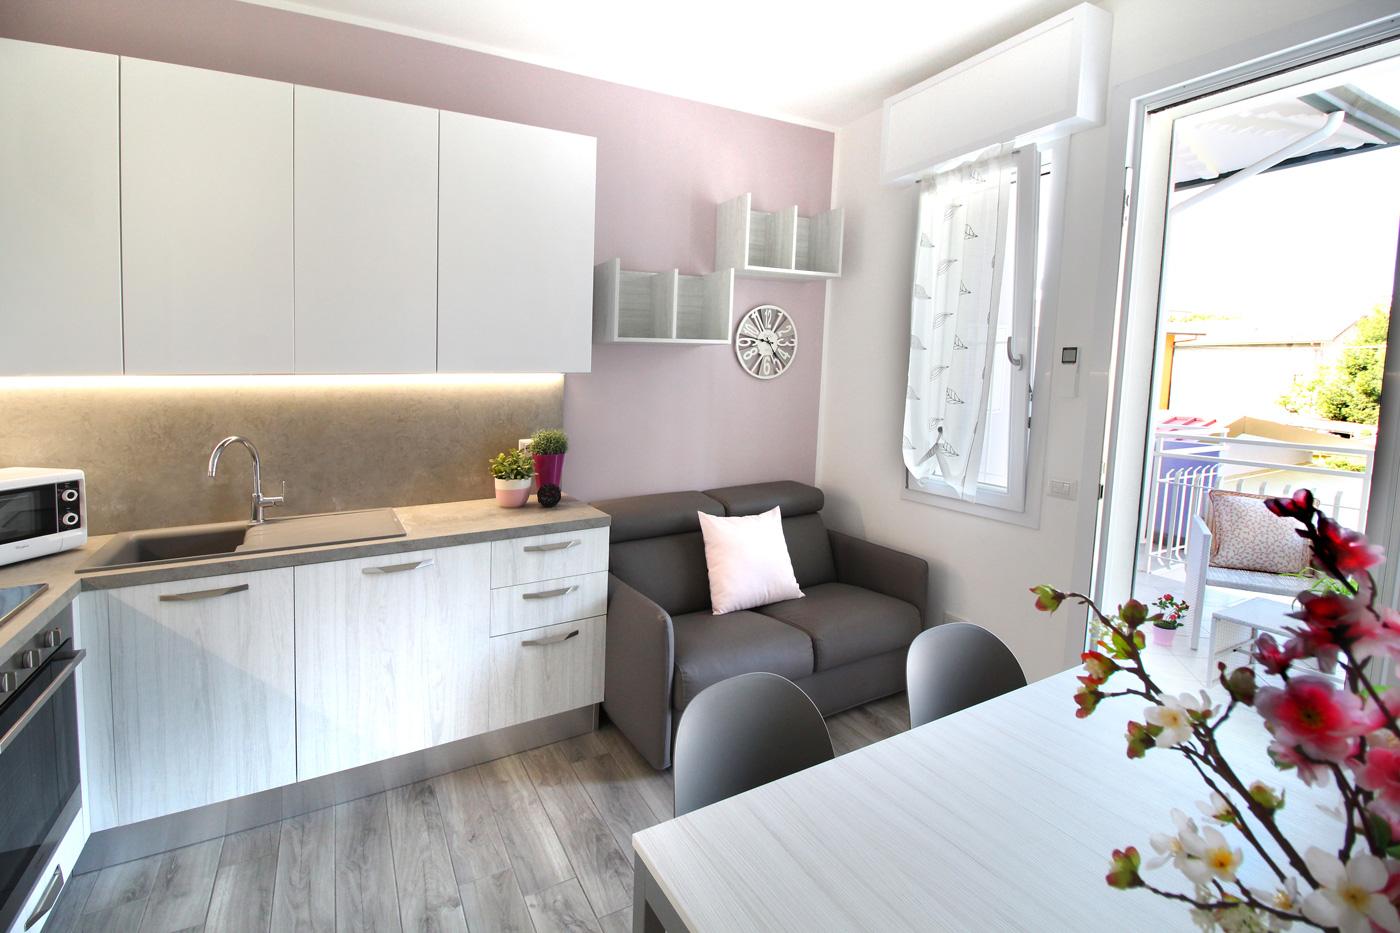 Appartamento Licia_Romagna case vacanze_IMG_7409